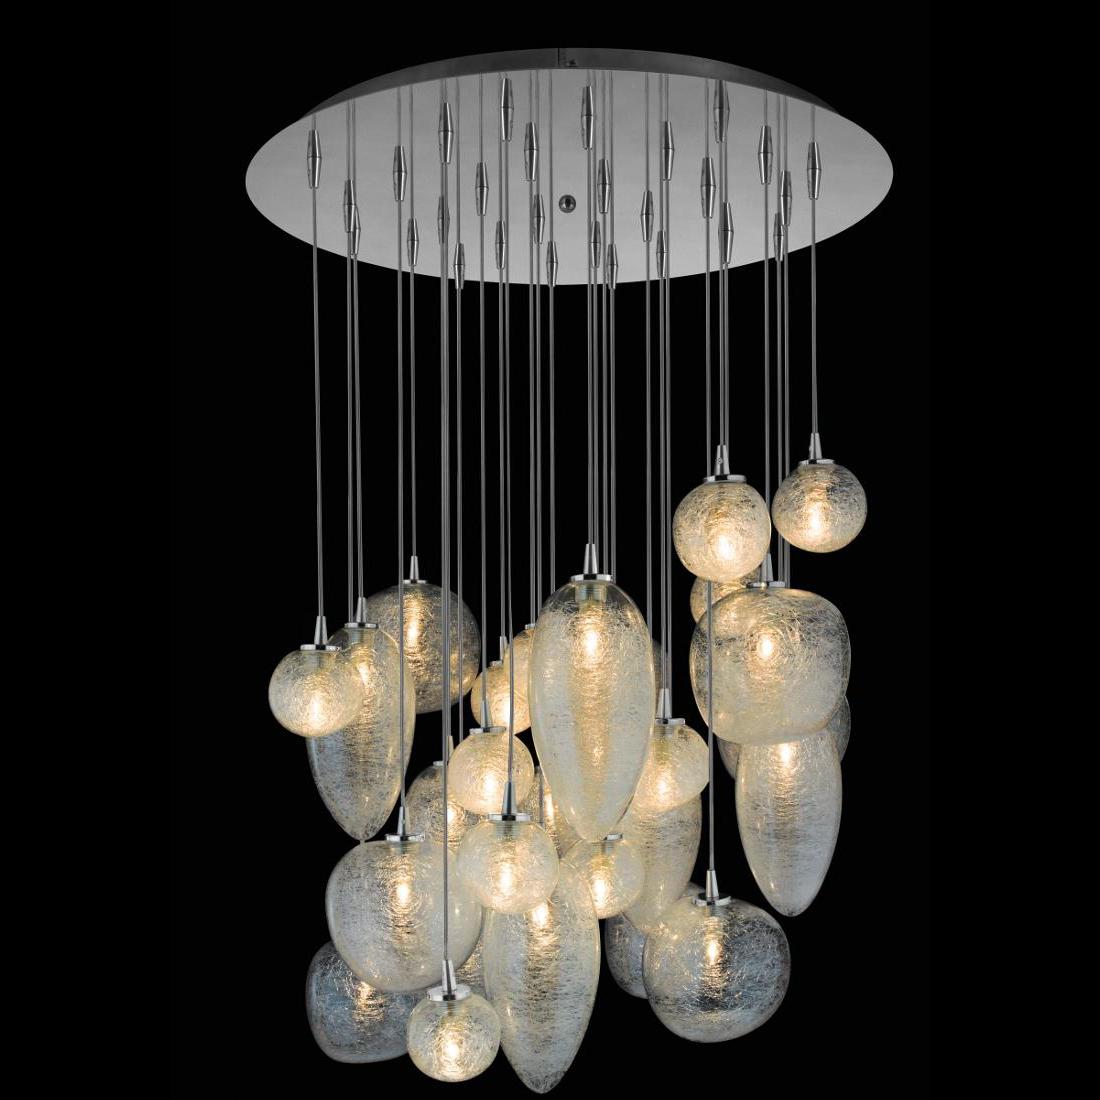 28 Light Pendant By Oggetti 50 Cosmo 28le